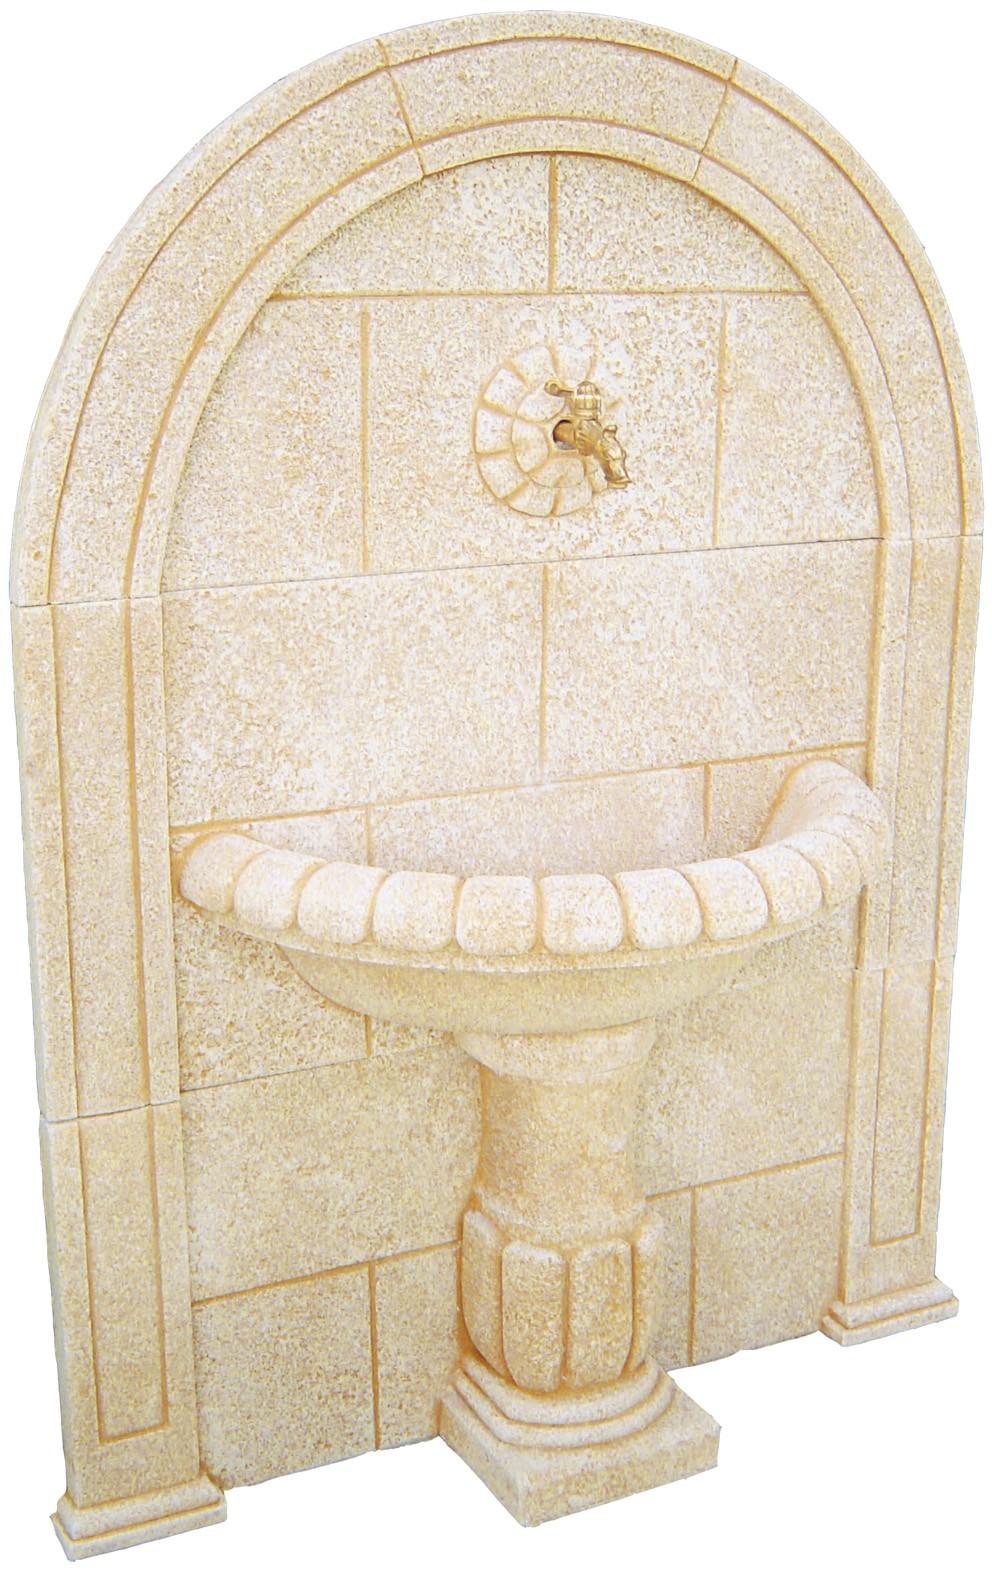 Compra tu fuente de pared simbal por s lo 226 78 - Fuentes de piedra artificial ...